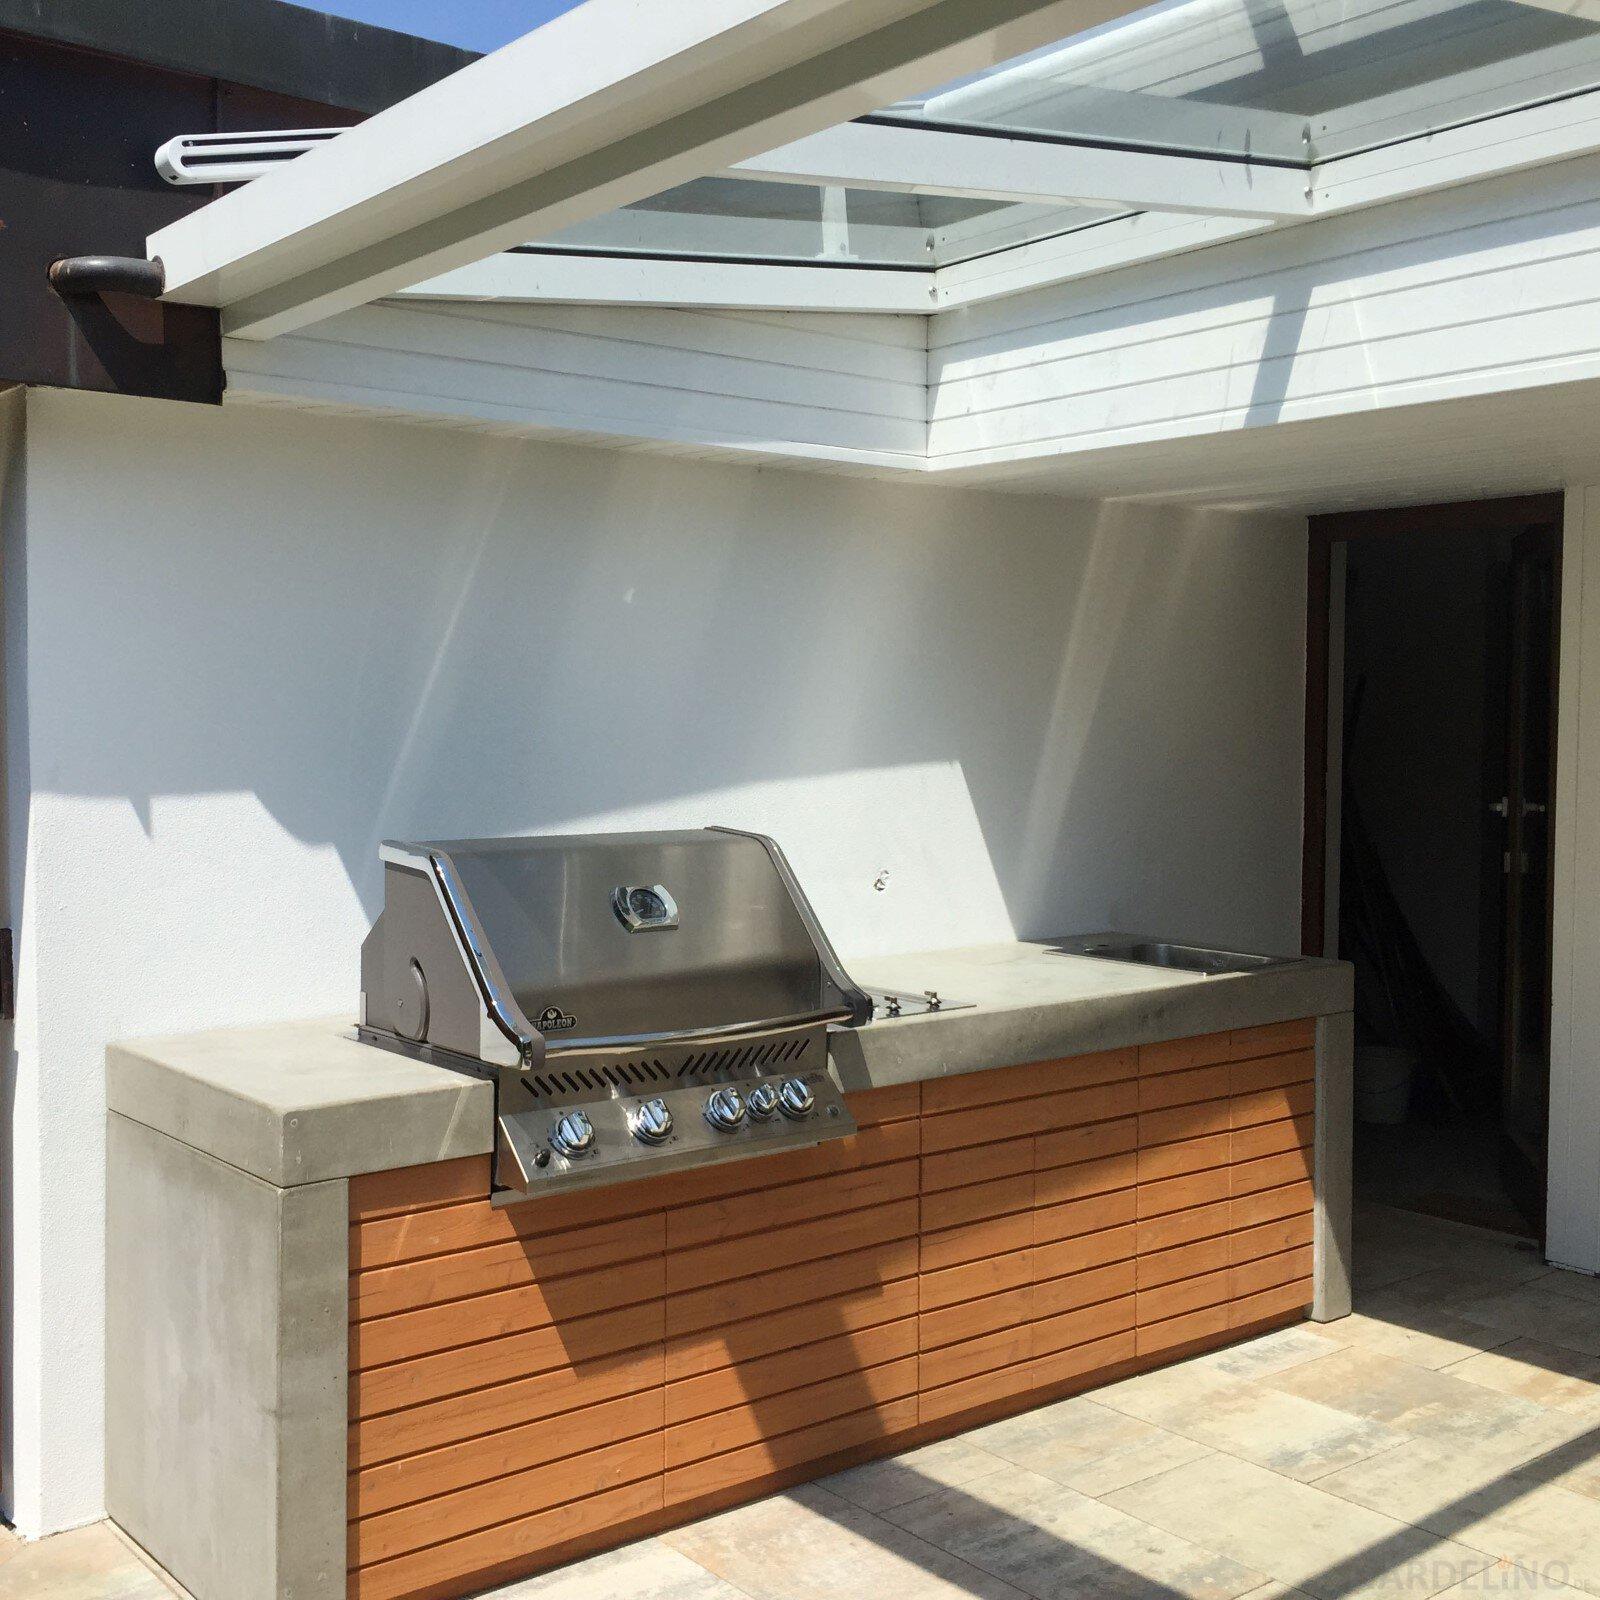 Beton outdoor kuche for Outdoorkuche mit grill